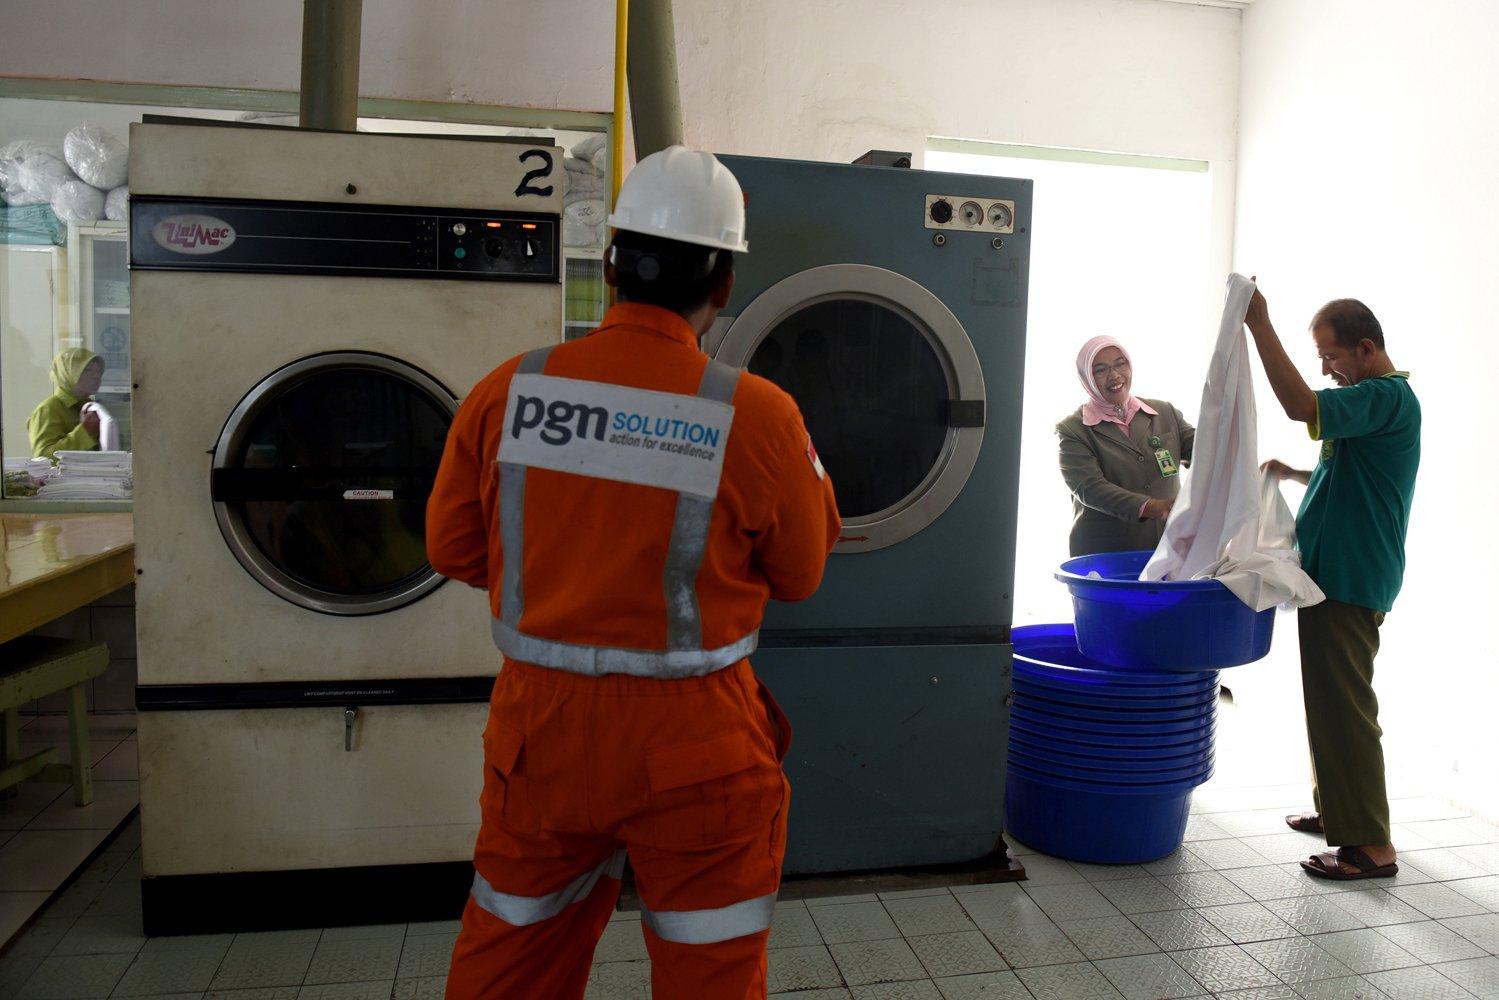 Petugas memeriksa penyaluran gas di ruang laundry Rumah Sakit Darmo, Surabaya, Jawa Timur